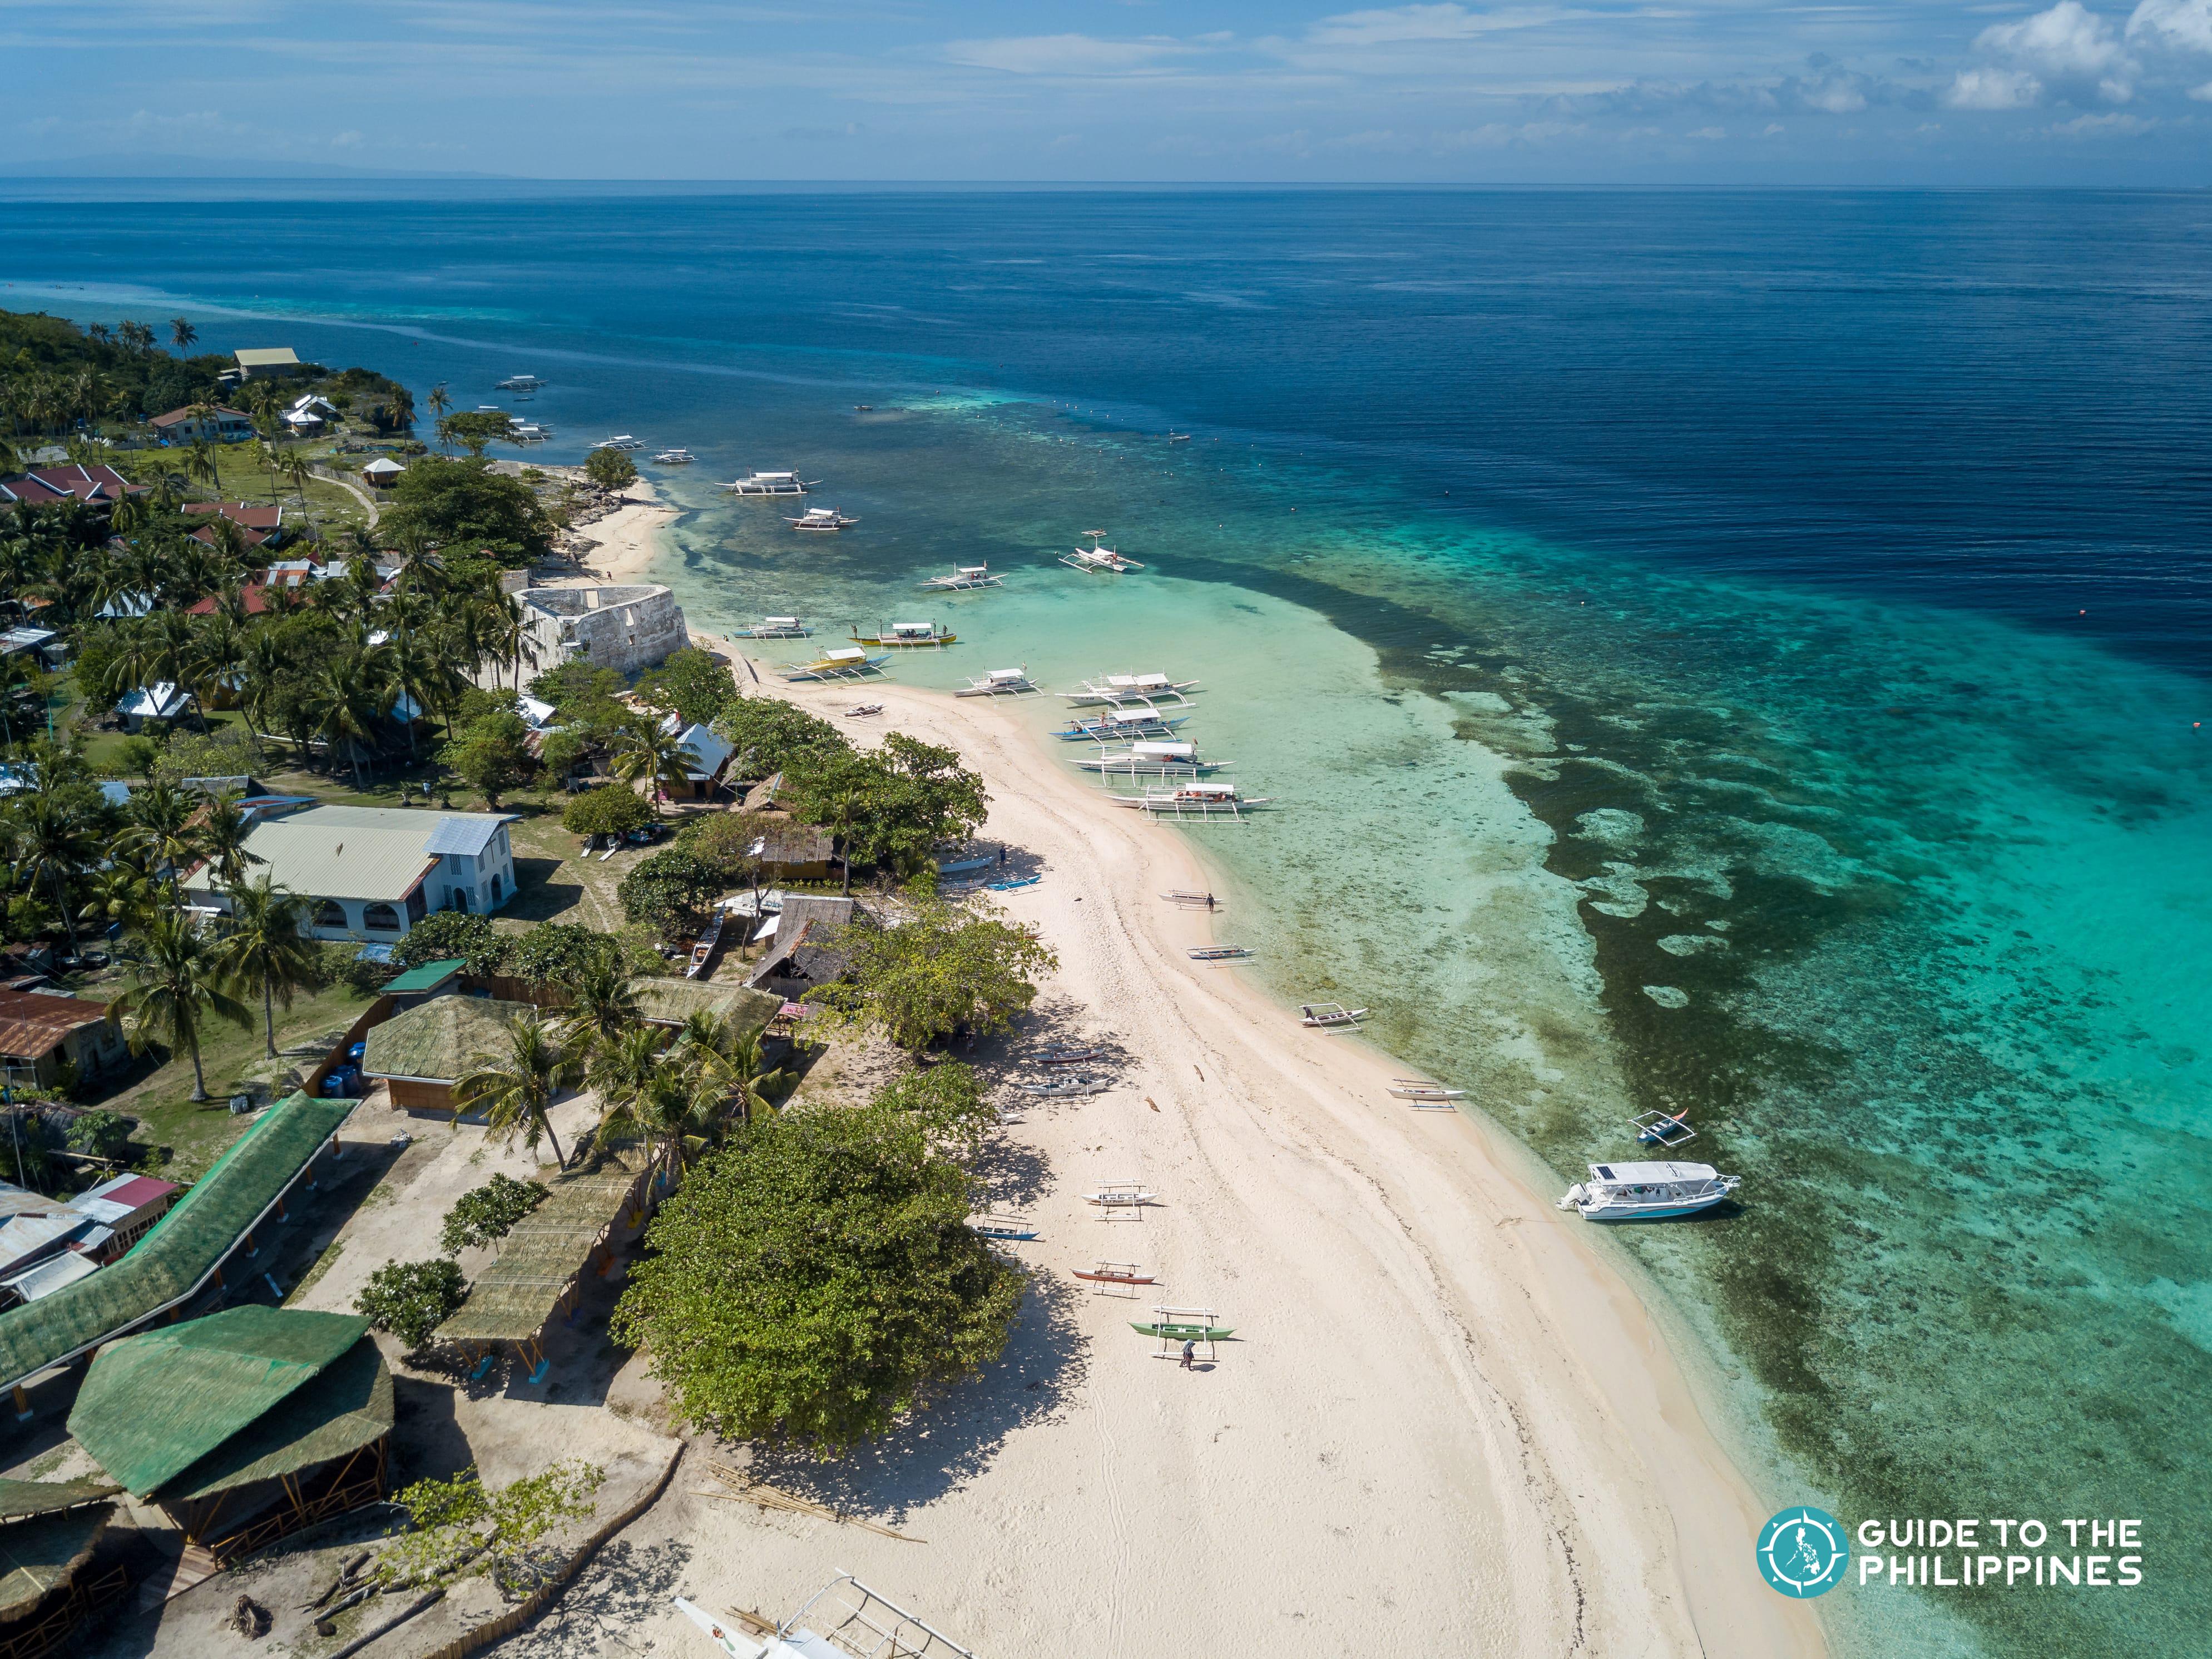 White sand beach at Pamilacan Island in Bohol